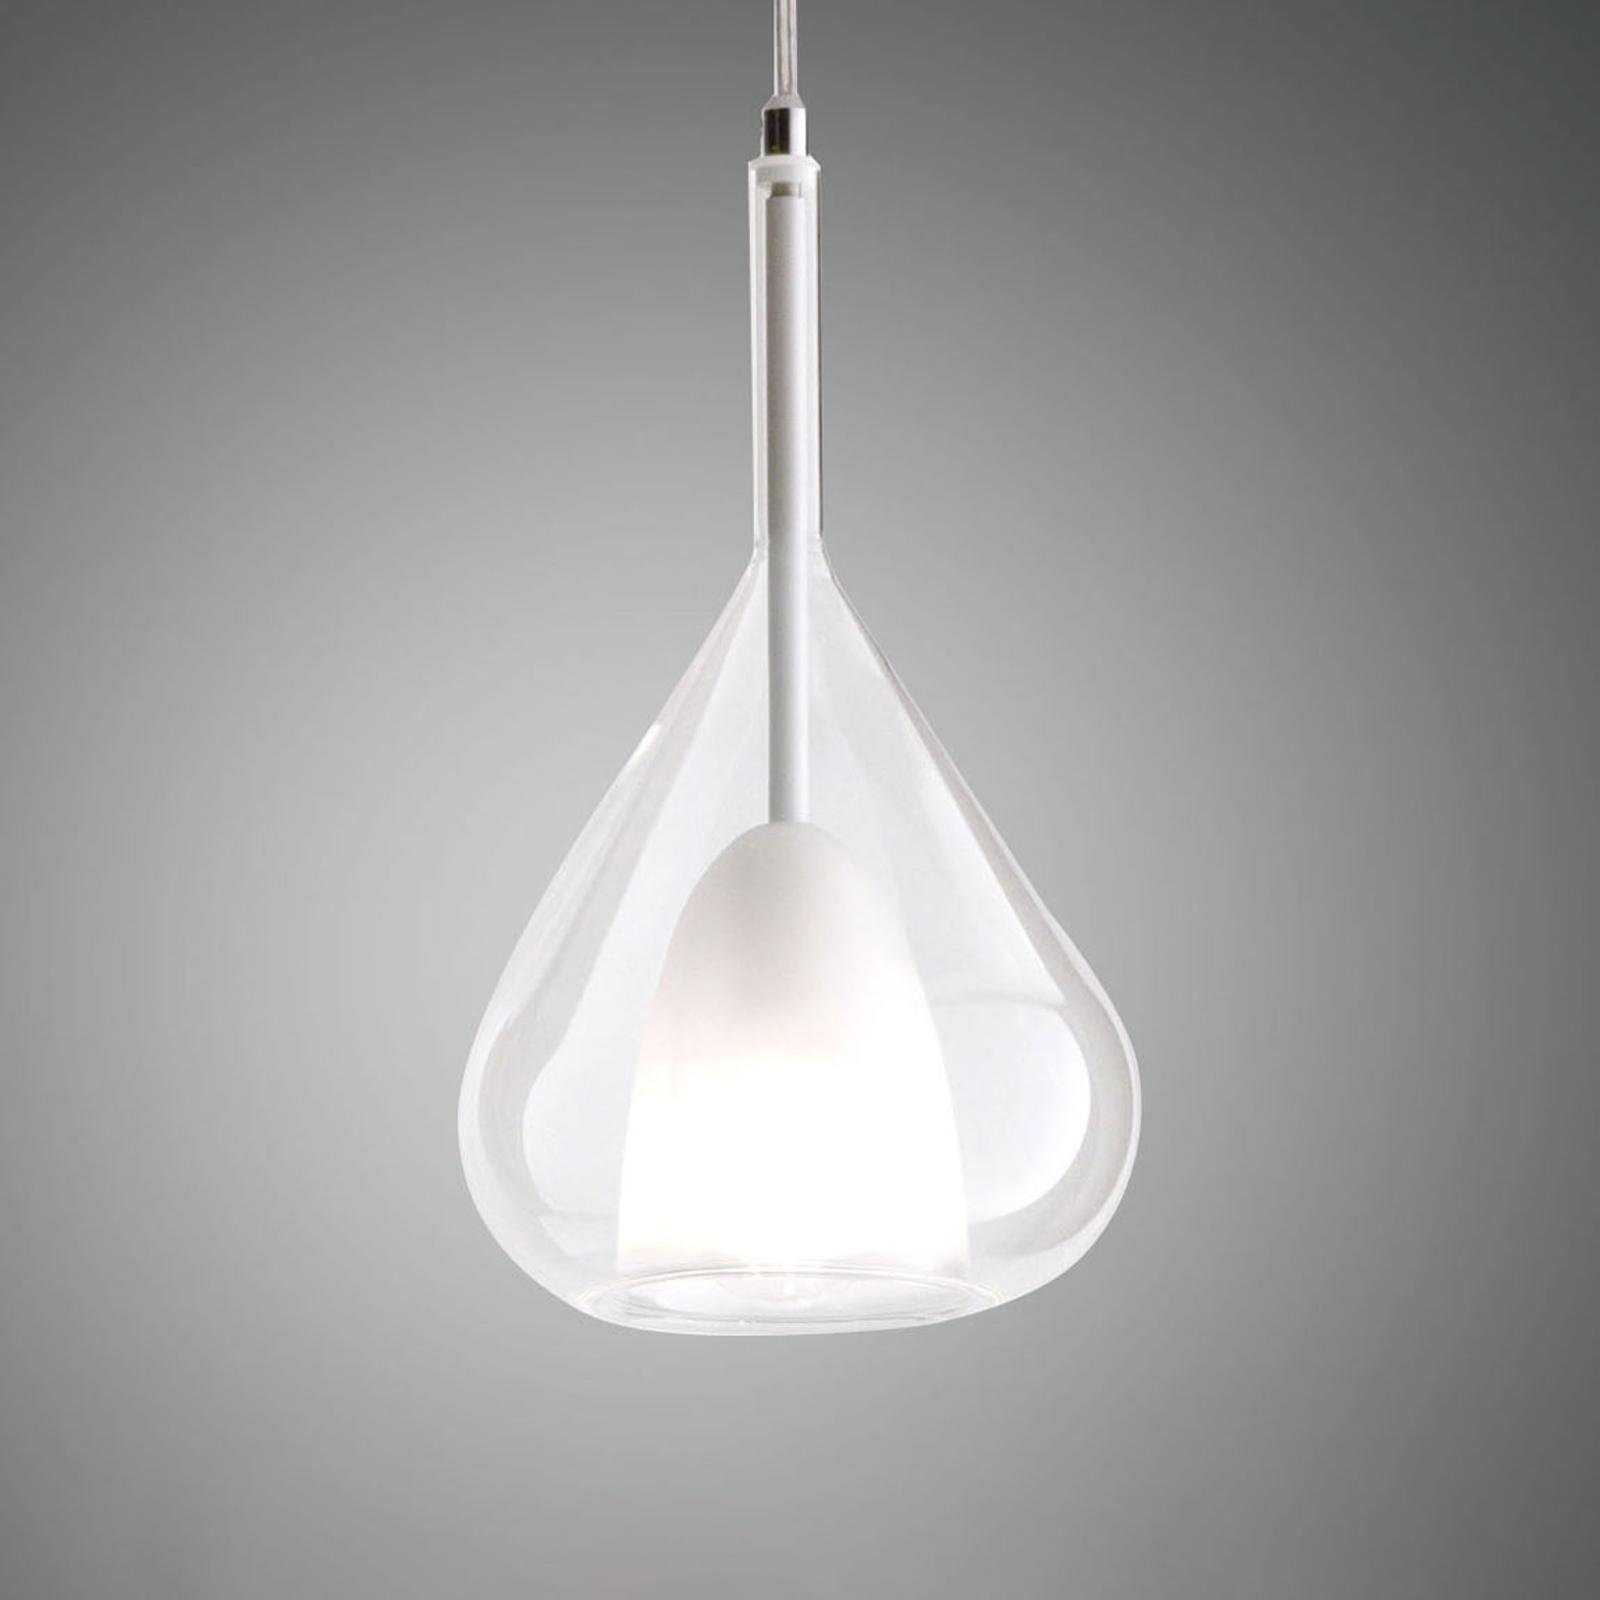 Hanglamp Lila van glas, 1-lamp, helder